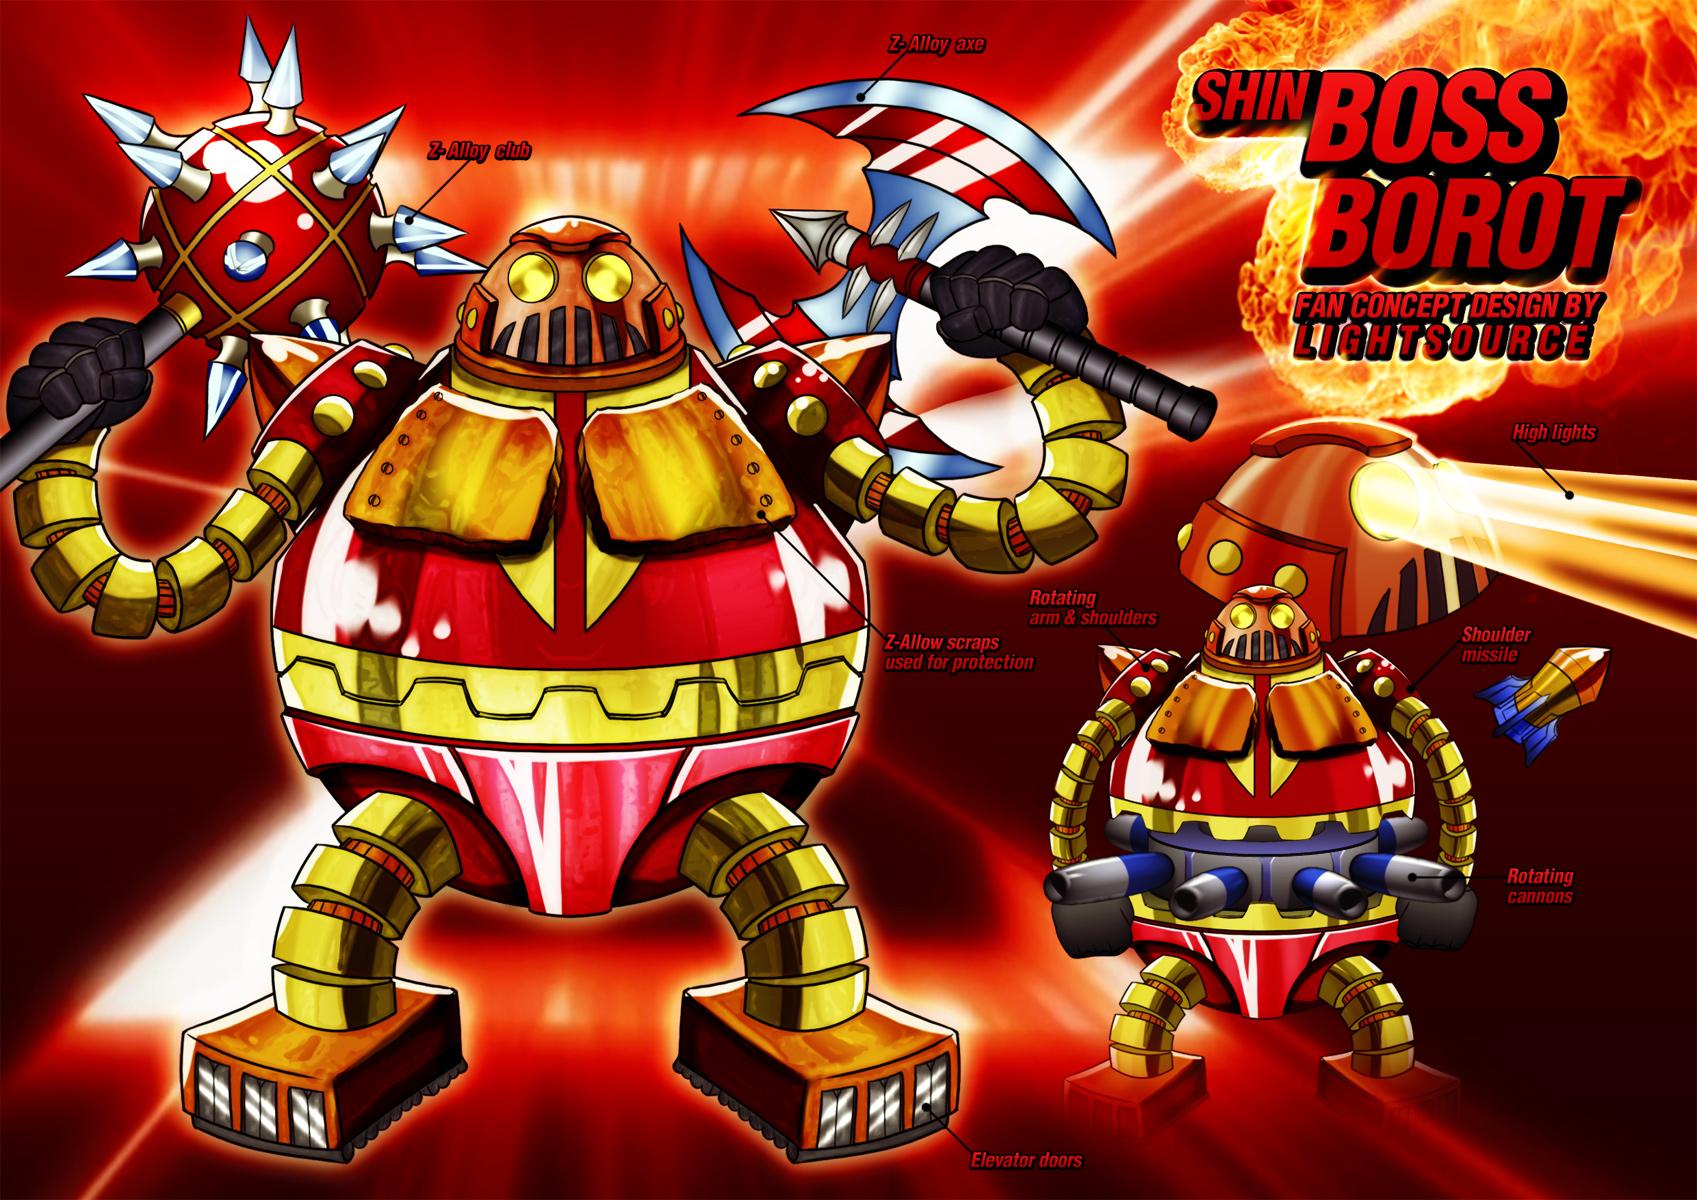 Shin Boss Borot fan concept by xXLightsourceXx